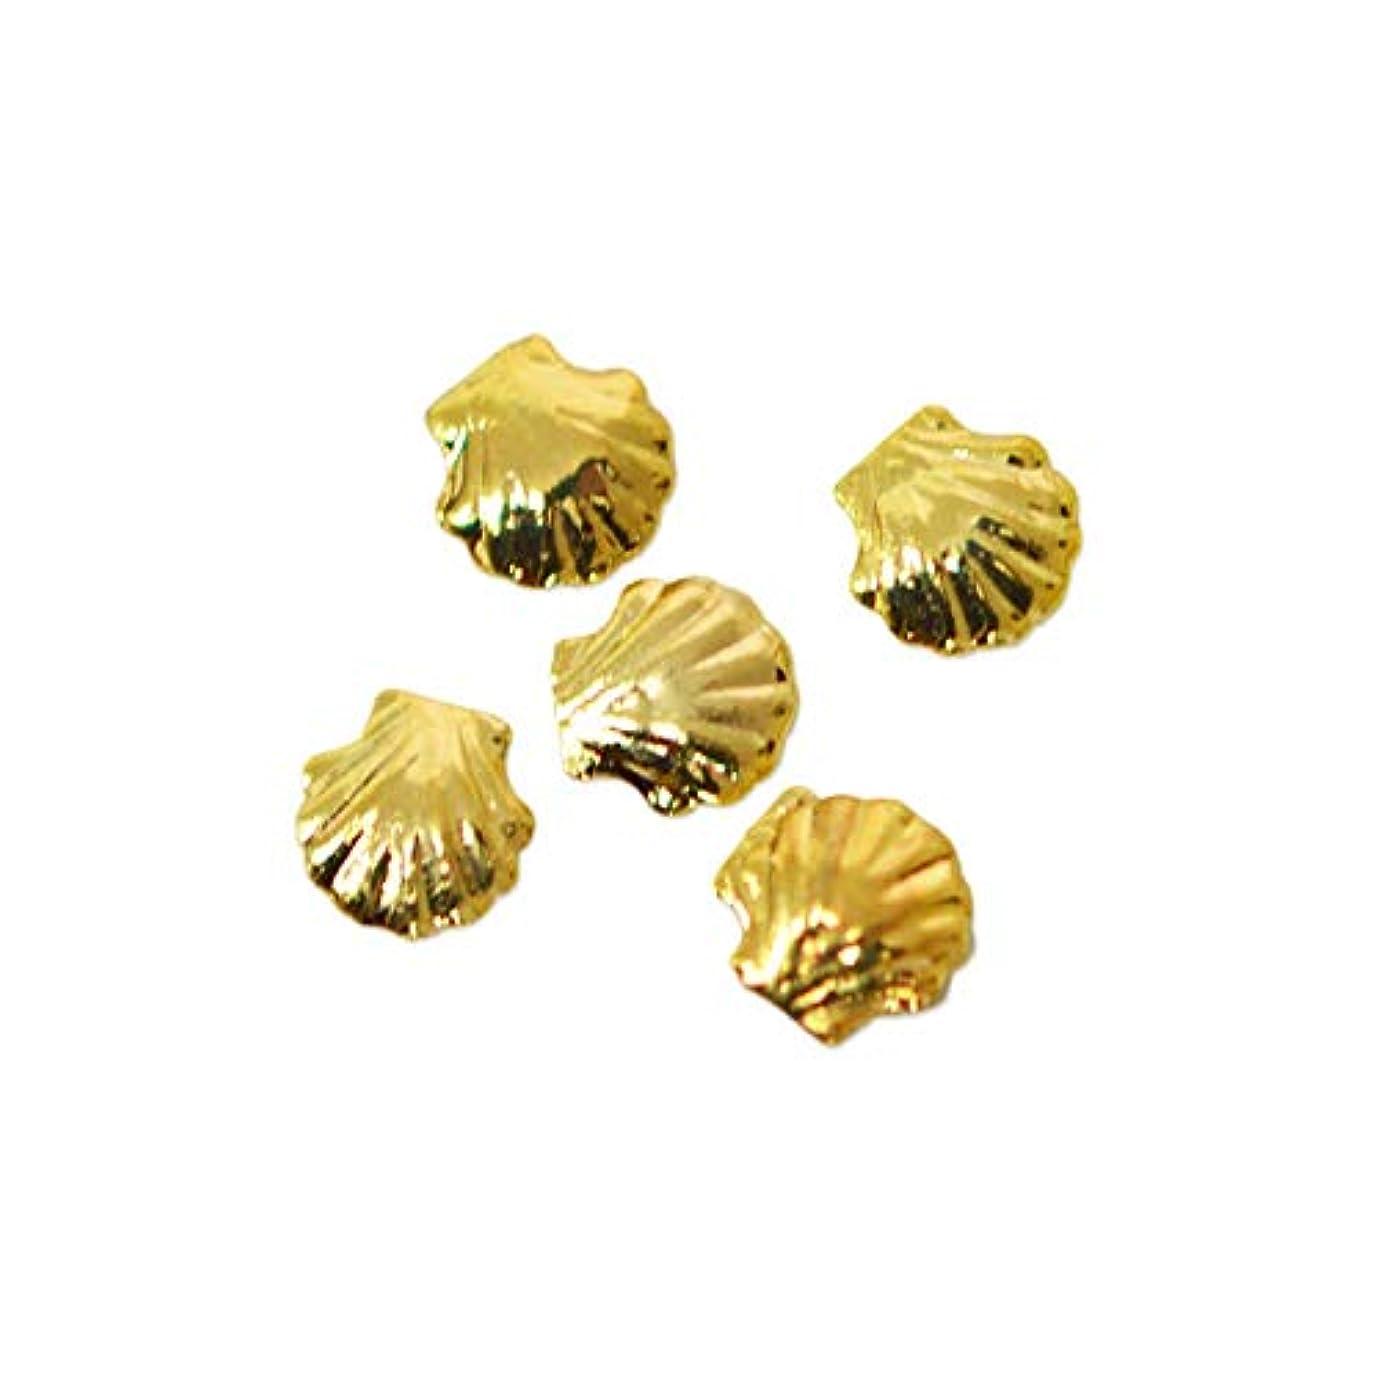 気楽な人に関する限り彼はメタルパーツ シェル ゴールド 3.5ミリ 20粒 ネイルパーツ 貝殻 メタルシェル シェルメタル gold